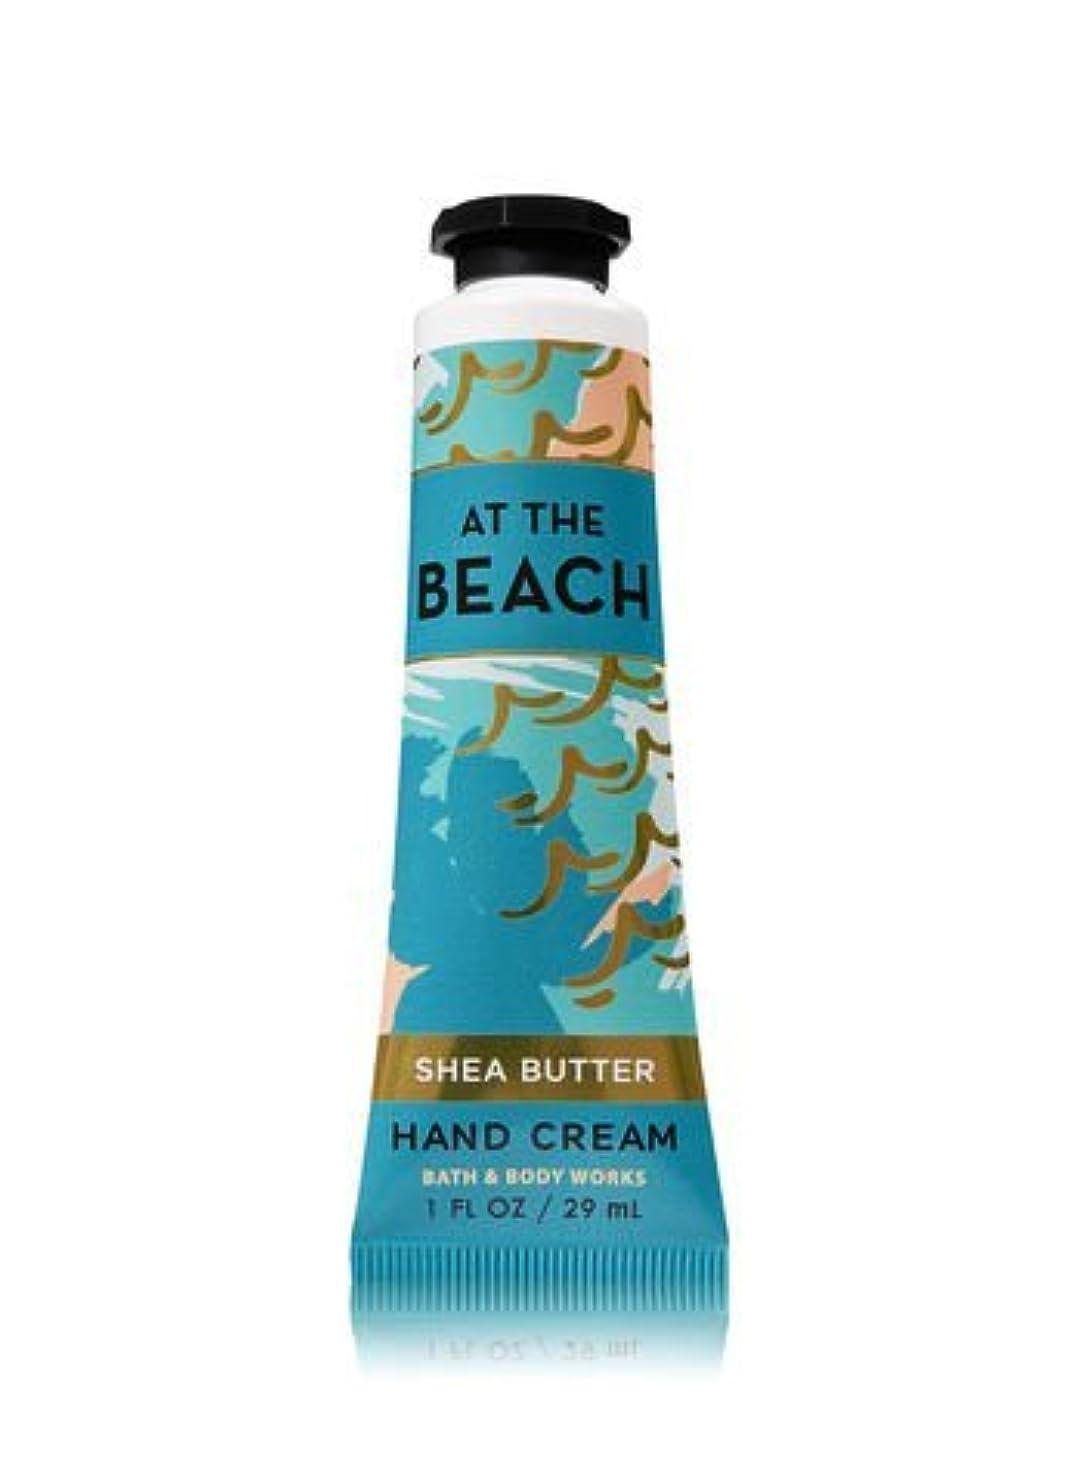 マチュピチュカプラー受益者【Bath&Body Works/バス&ボディワークス】 シアバター ハンドクリーム アットザビーチ Shea Butter Hand Cream At The Beach 1 fl oz / 29 mL [並行輸入品]